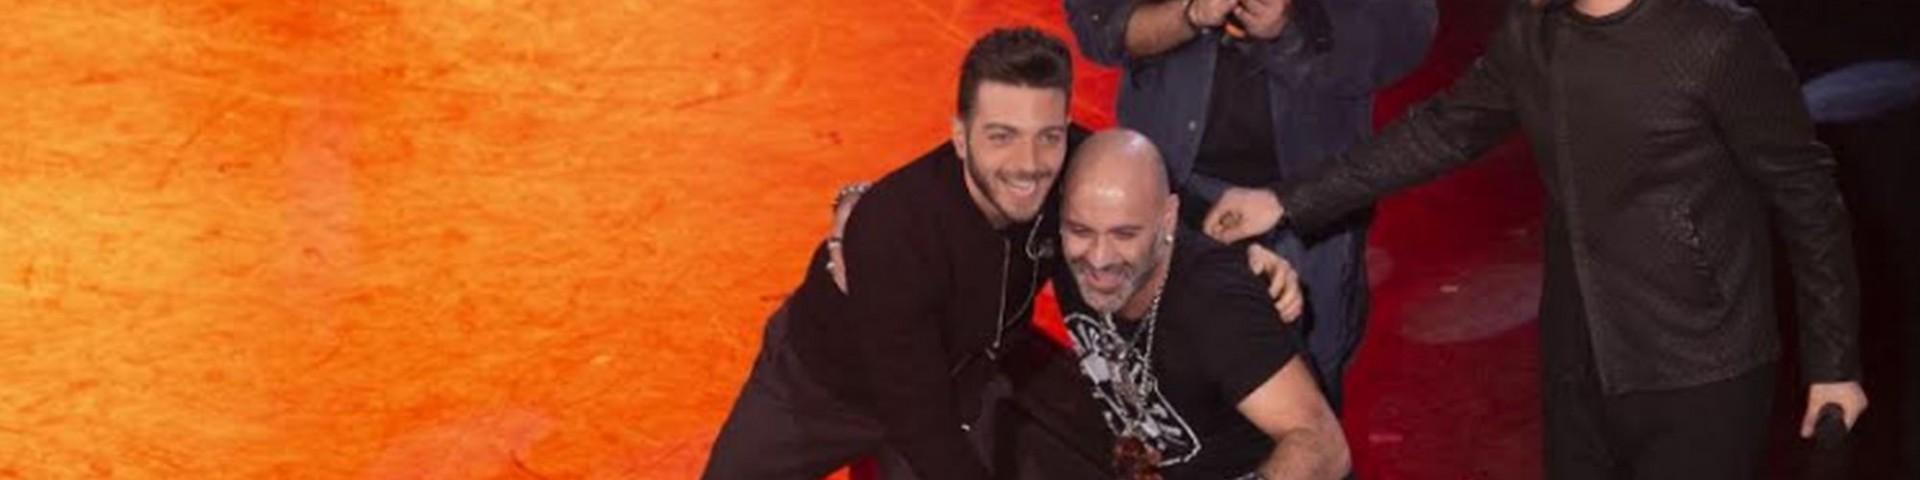 """Alessandro Quarta: """"A Sanremo con Il Volo? Indimenticabile"""""""